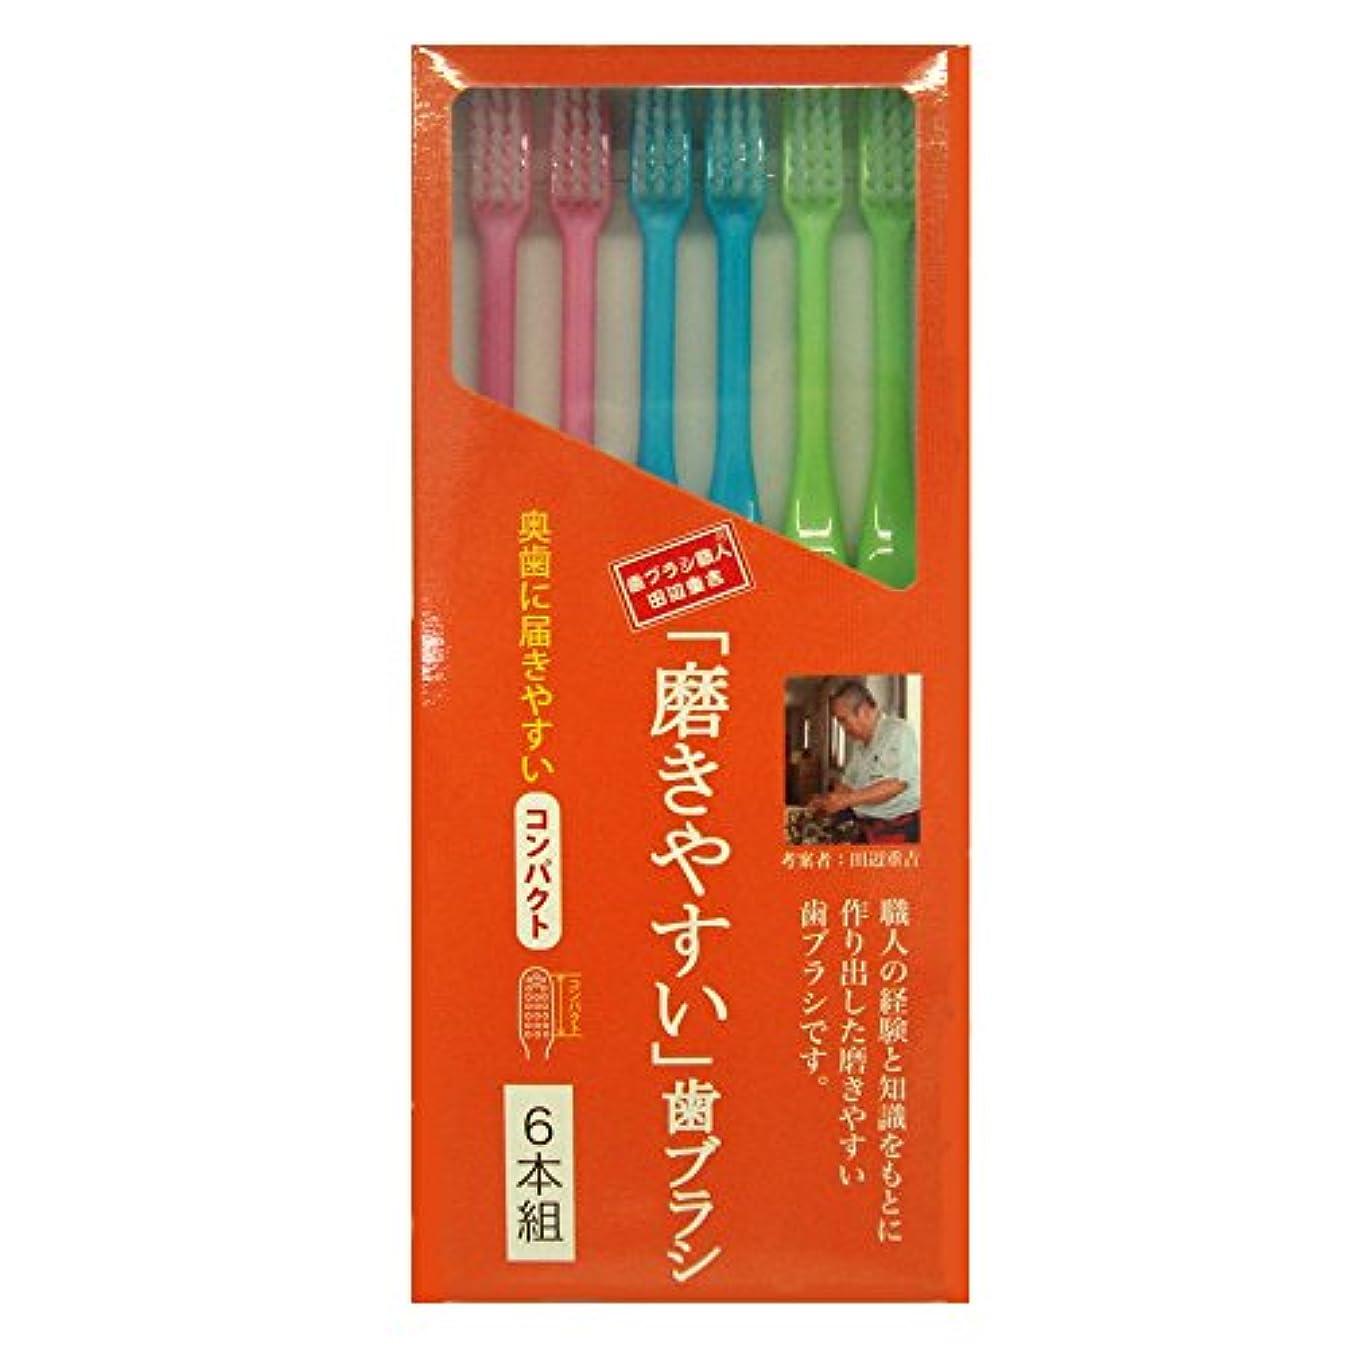 コンパス修羅場ランチョン磨きやすい歯ブラシ 6本組 コンパクトタイプ